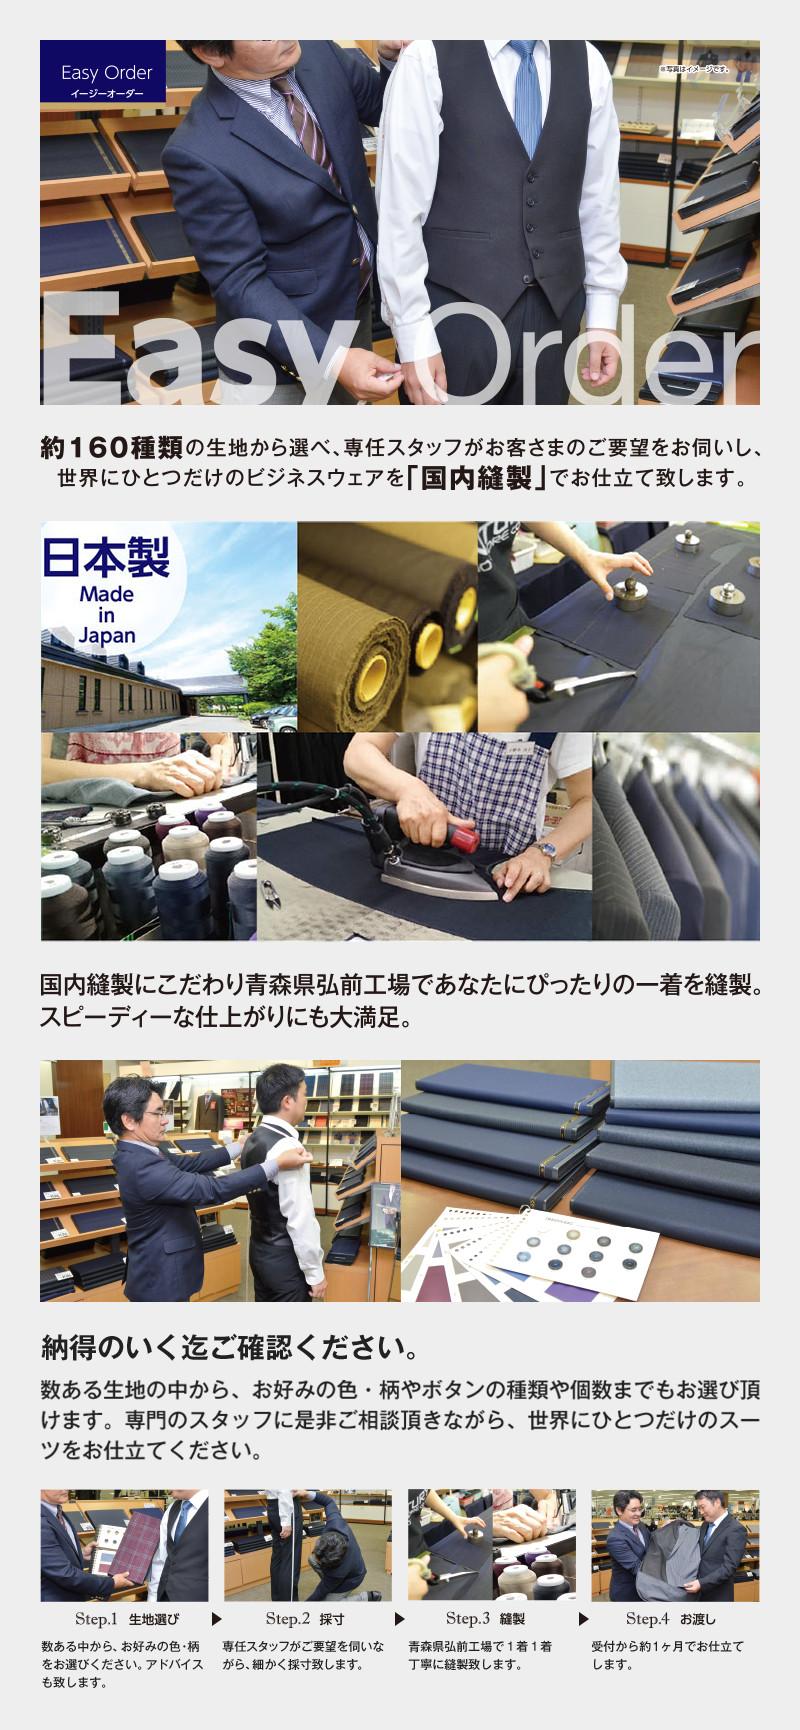 約160種類の記事から選べ、専任スタッフがお客様のご要望をお伺いし、世界にひとつだけのビジネスウェアを「国内縫製」でお仕立て致します。